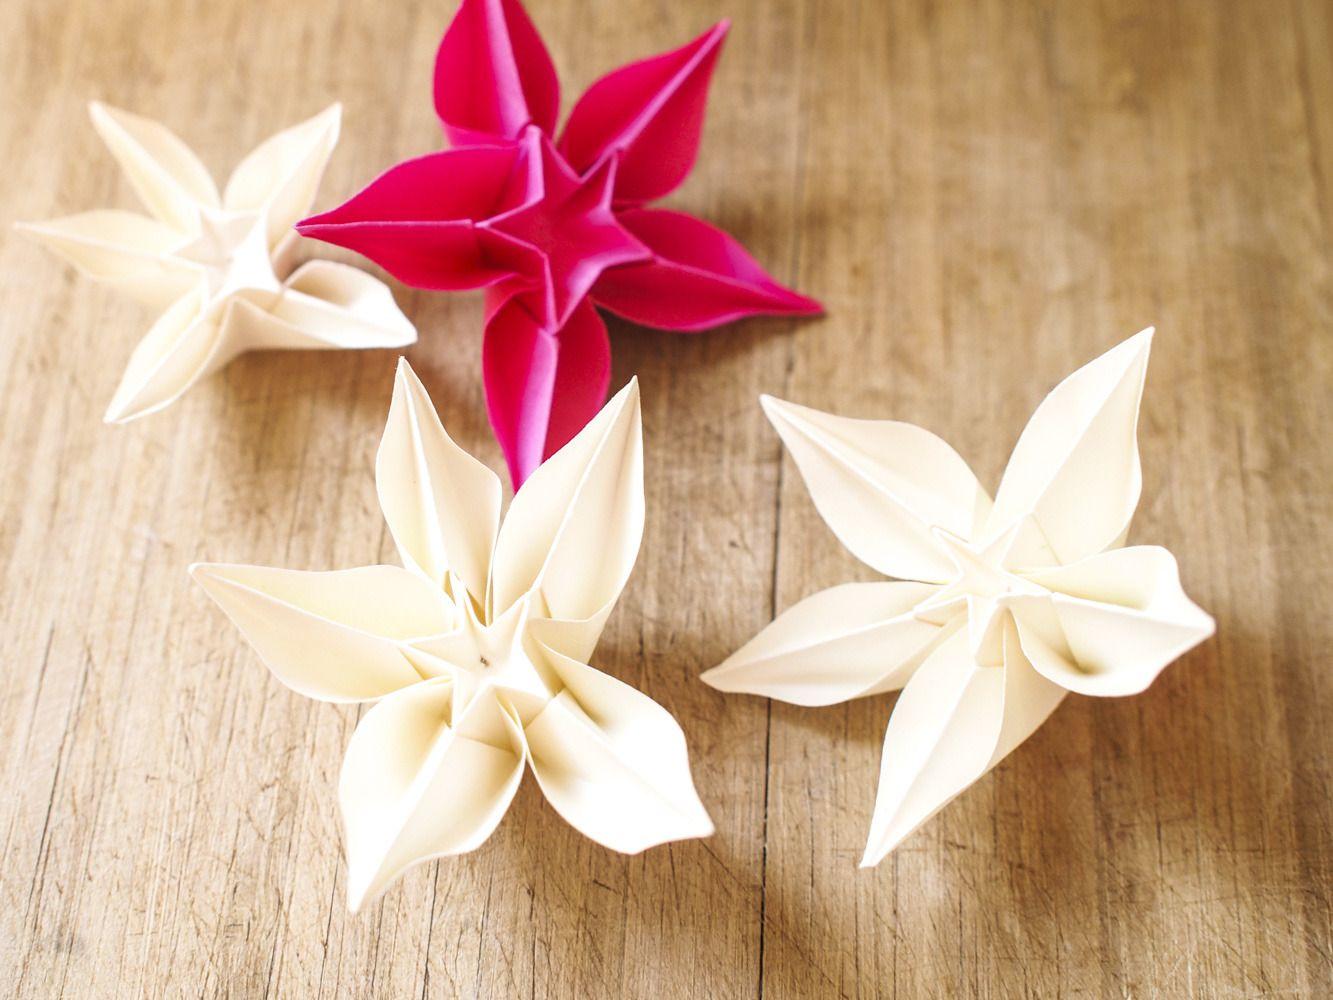 d coration de table en origami fleurs exotiques mariage et autres v nements accessoires de. Black Bedroom Furniture Sets. Home Design Ideas